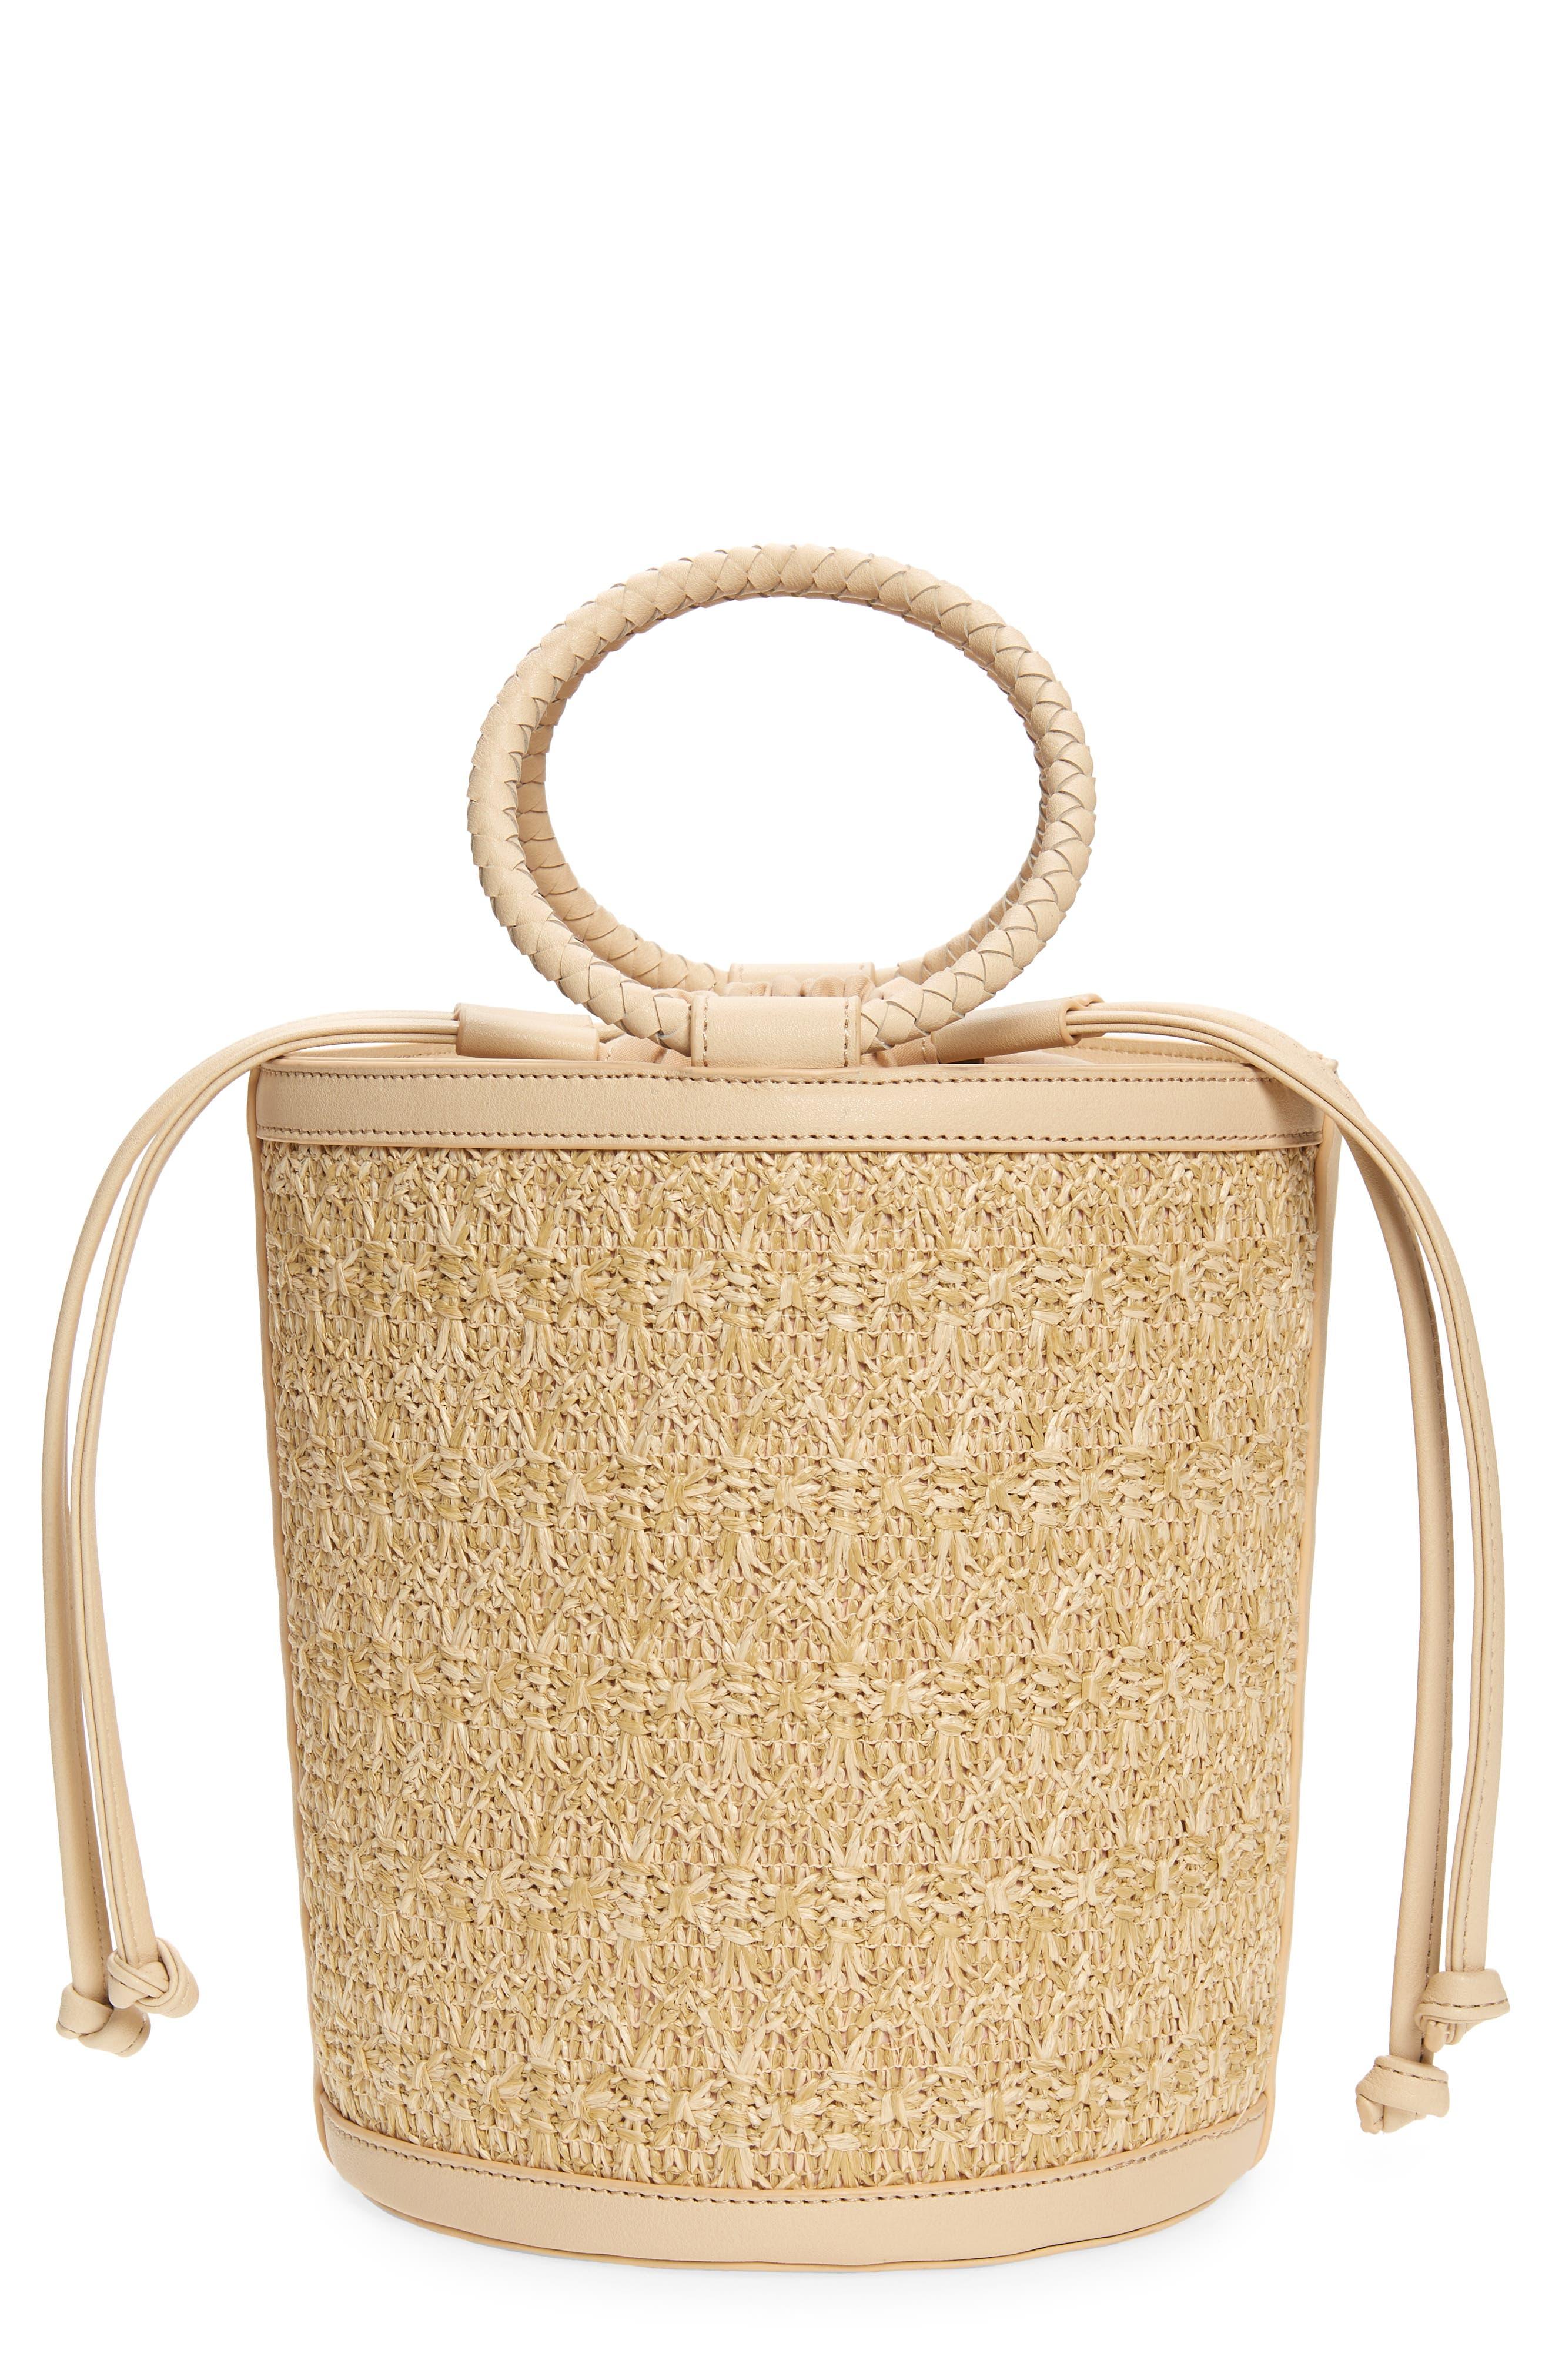 Mali + Lili Brittney Straw & Vegan Leather Bucket Bag